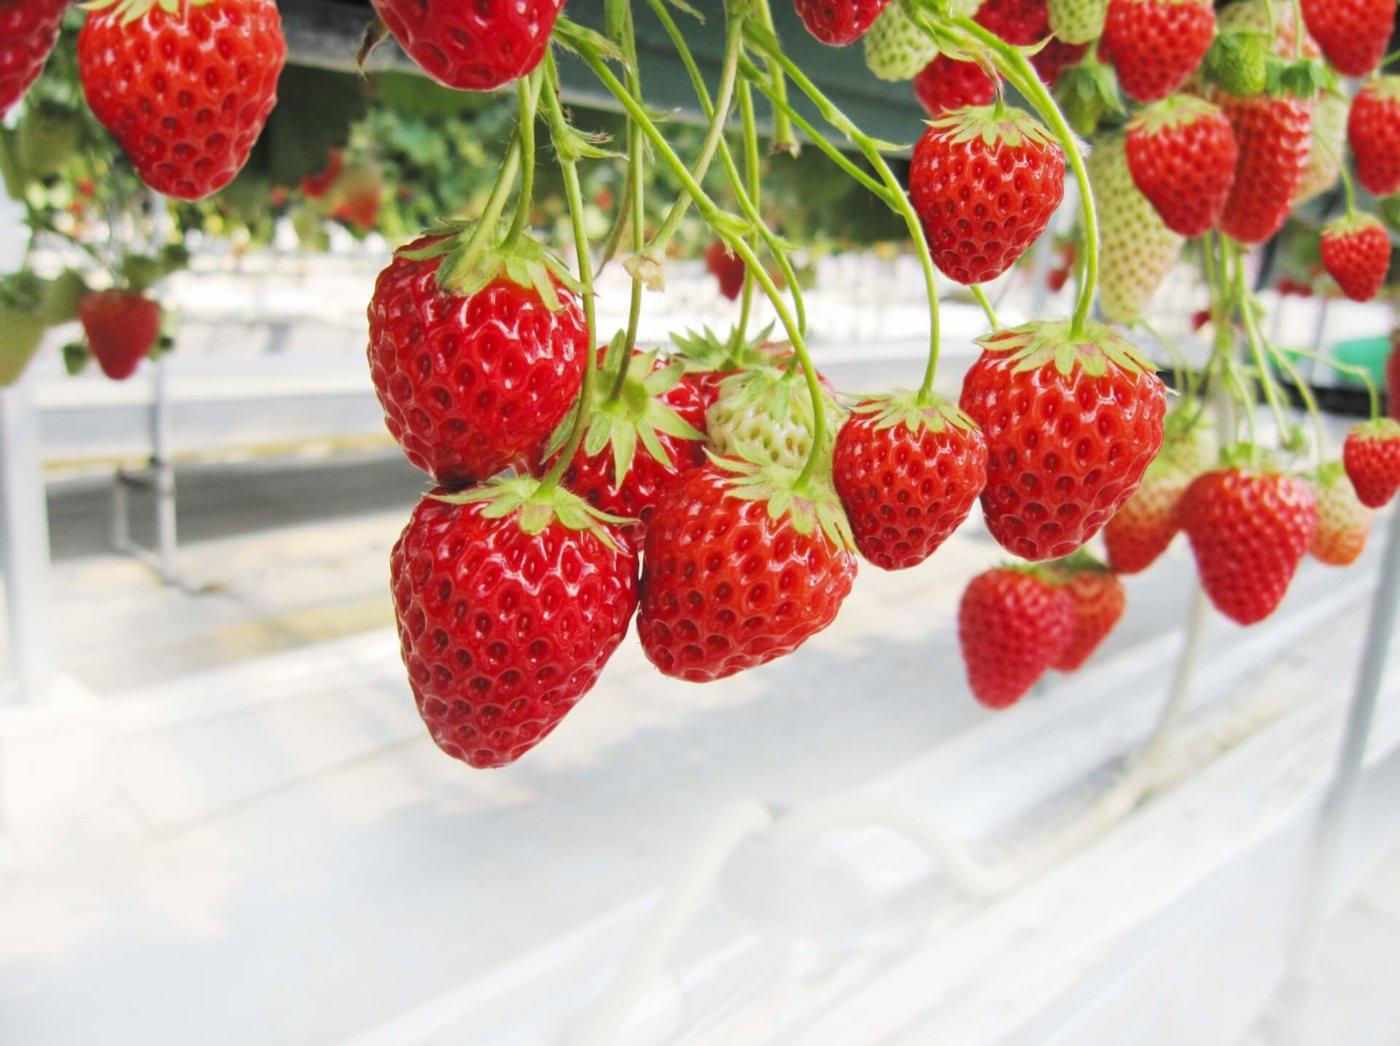 愛知県で人気のイチゴ狩りスポットを紹介!